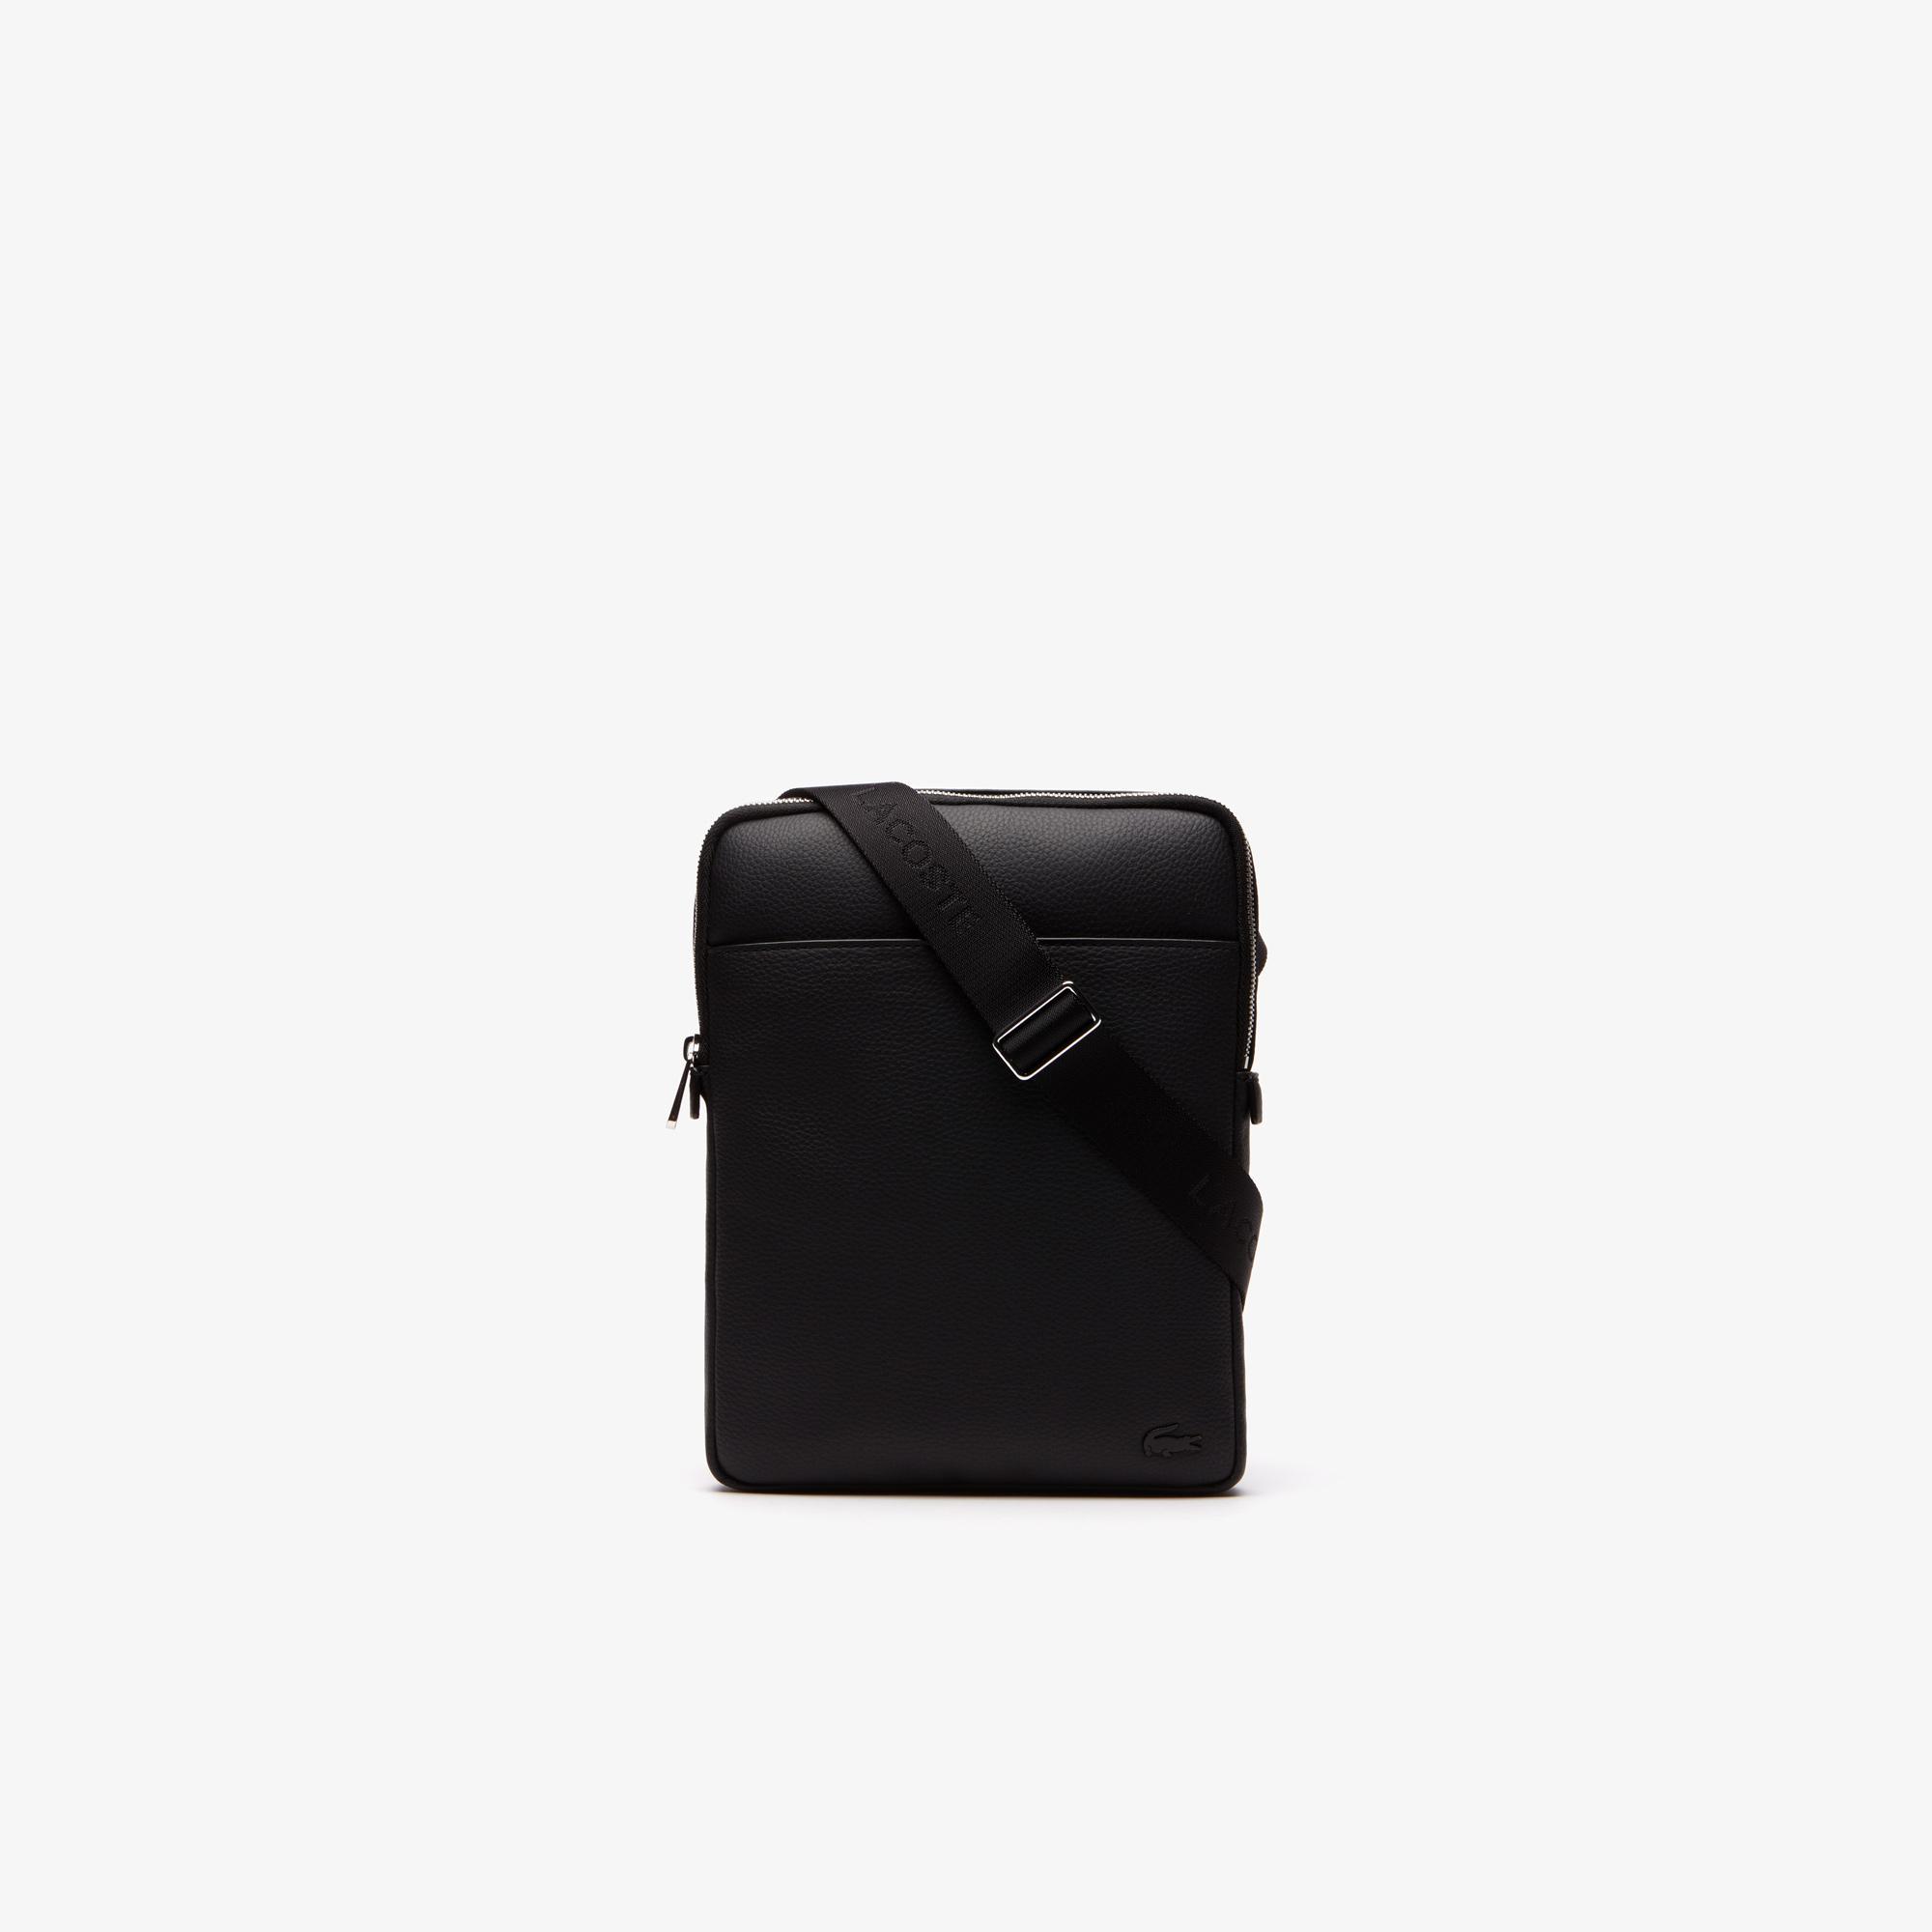 LBALAC21_Bag_Black_Main